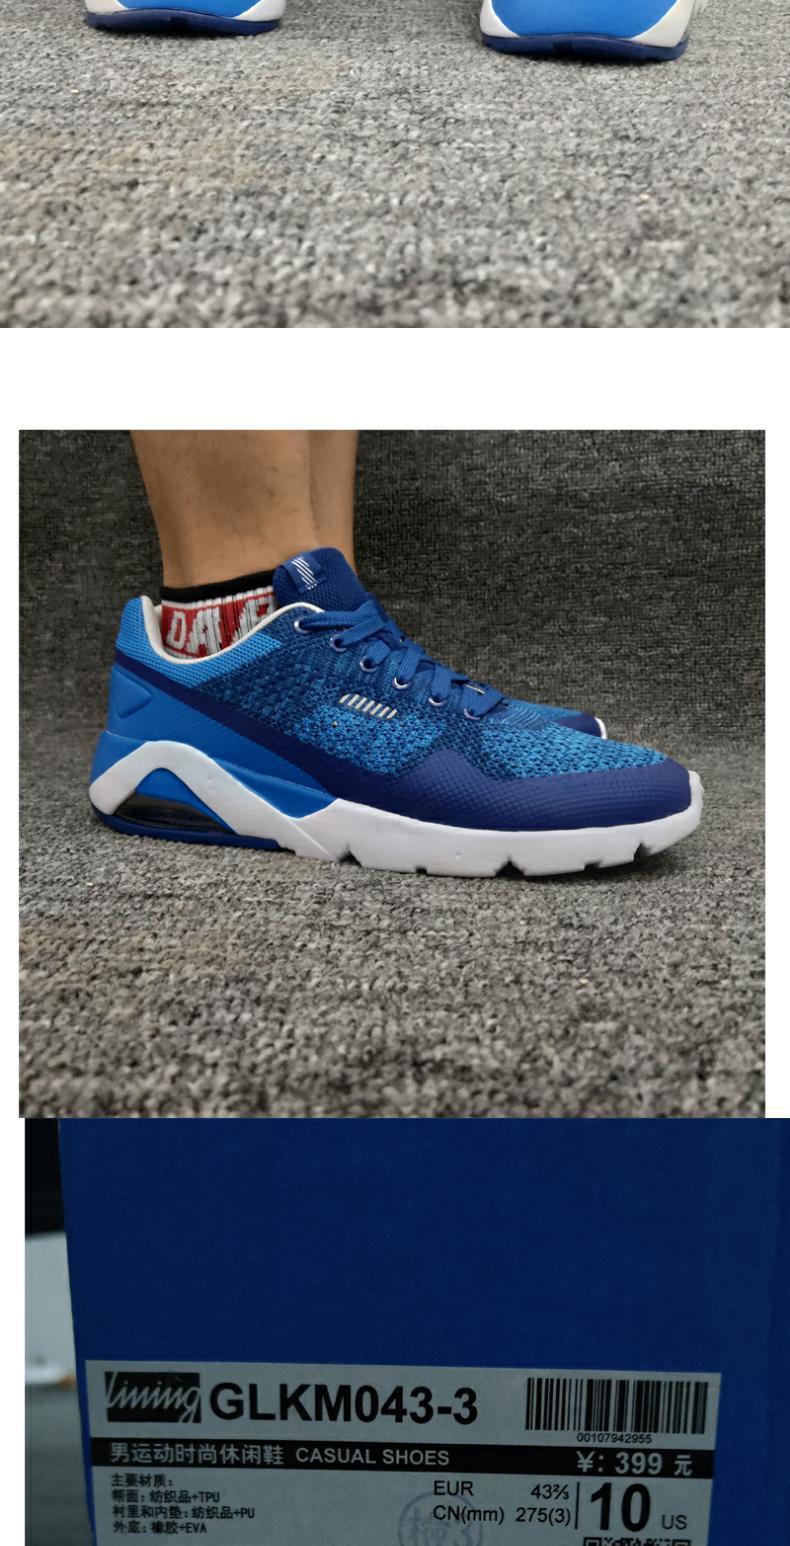 李宁休闲鞋男鞋运动休闲系列时尚男子运动生活GLKM077运动鞋商品详情图